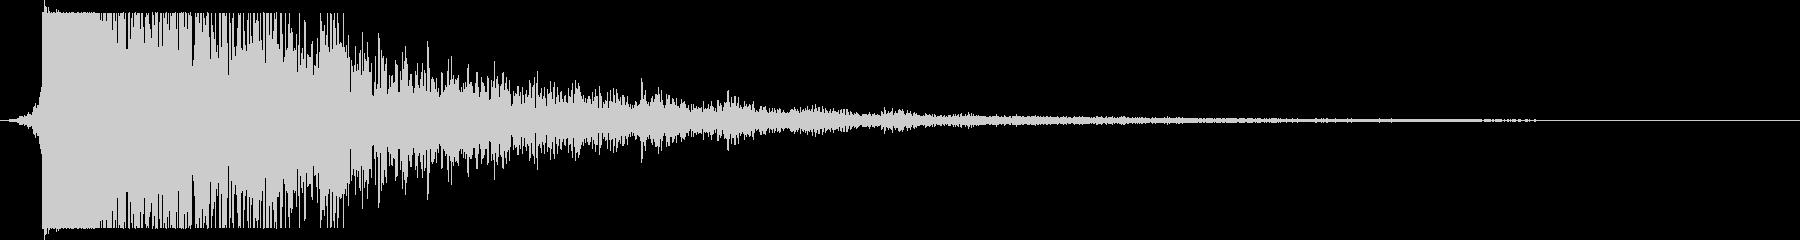 重残響メタルリップインパクトの未再生の波形